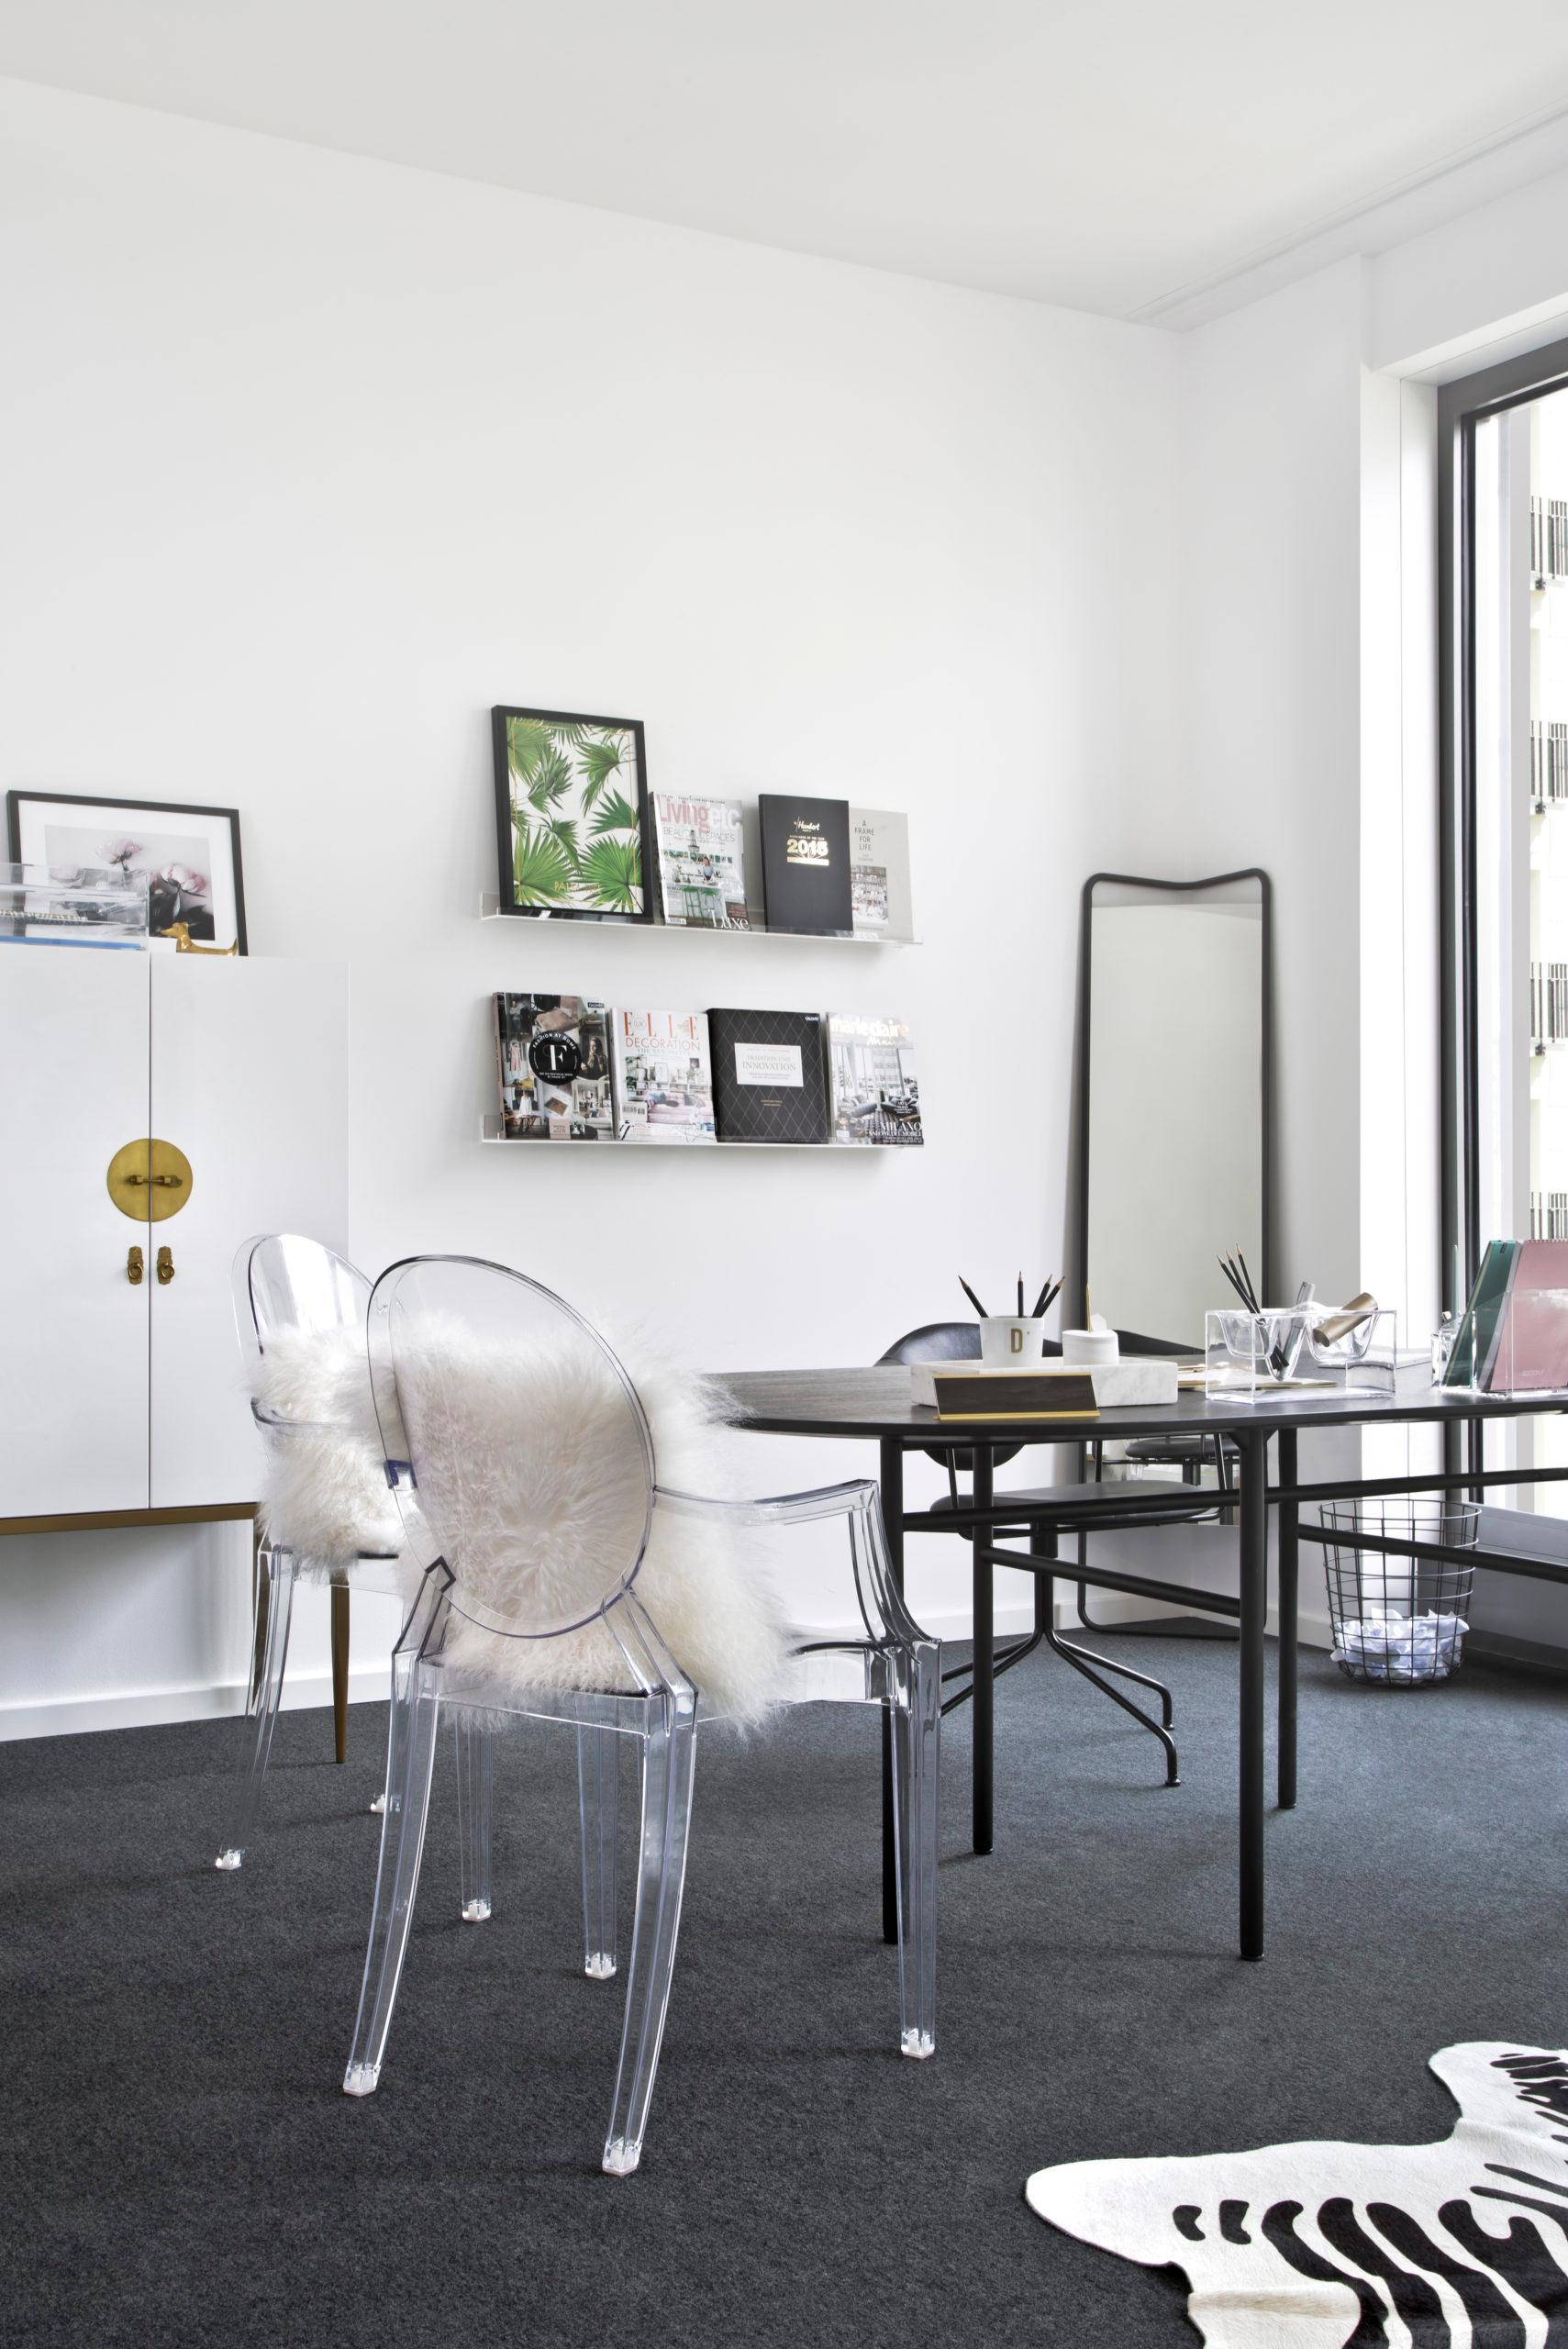 Lichte woonkamer met fotolijstjes op wandplank en transparante stoel met schapenvacht